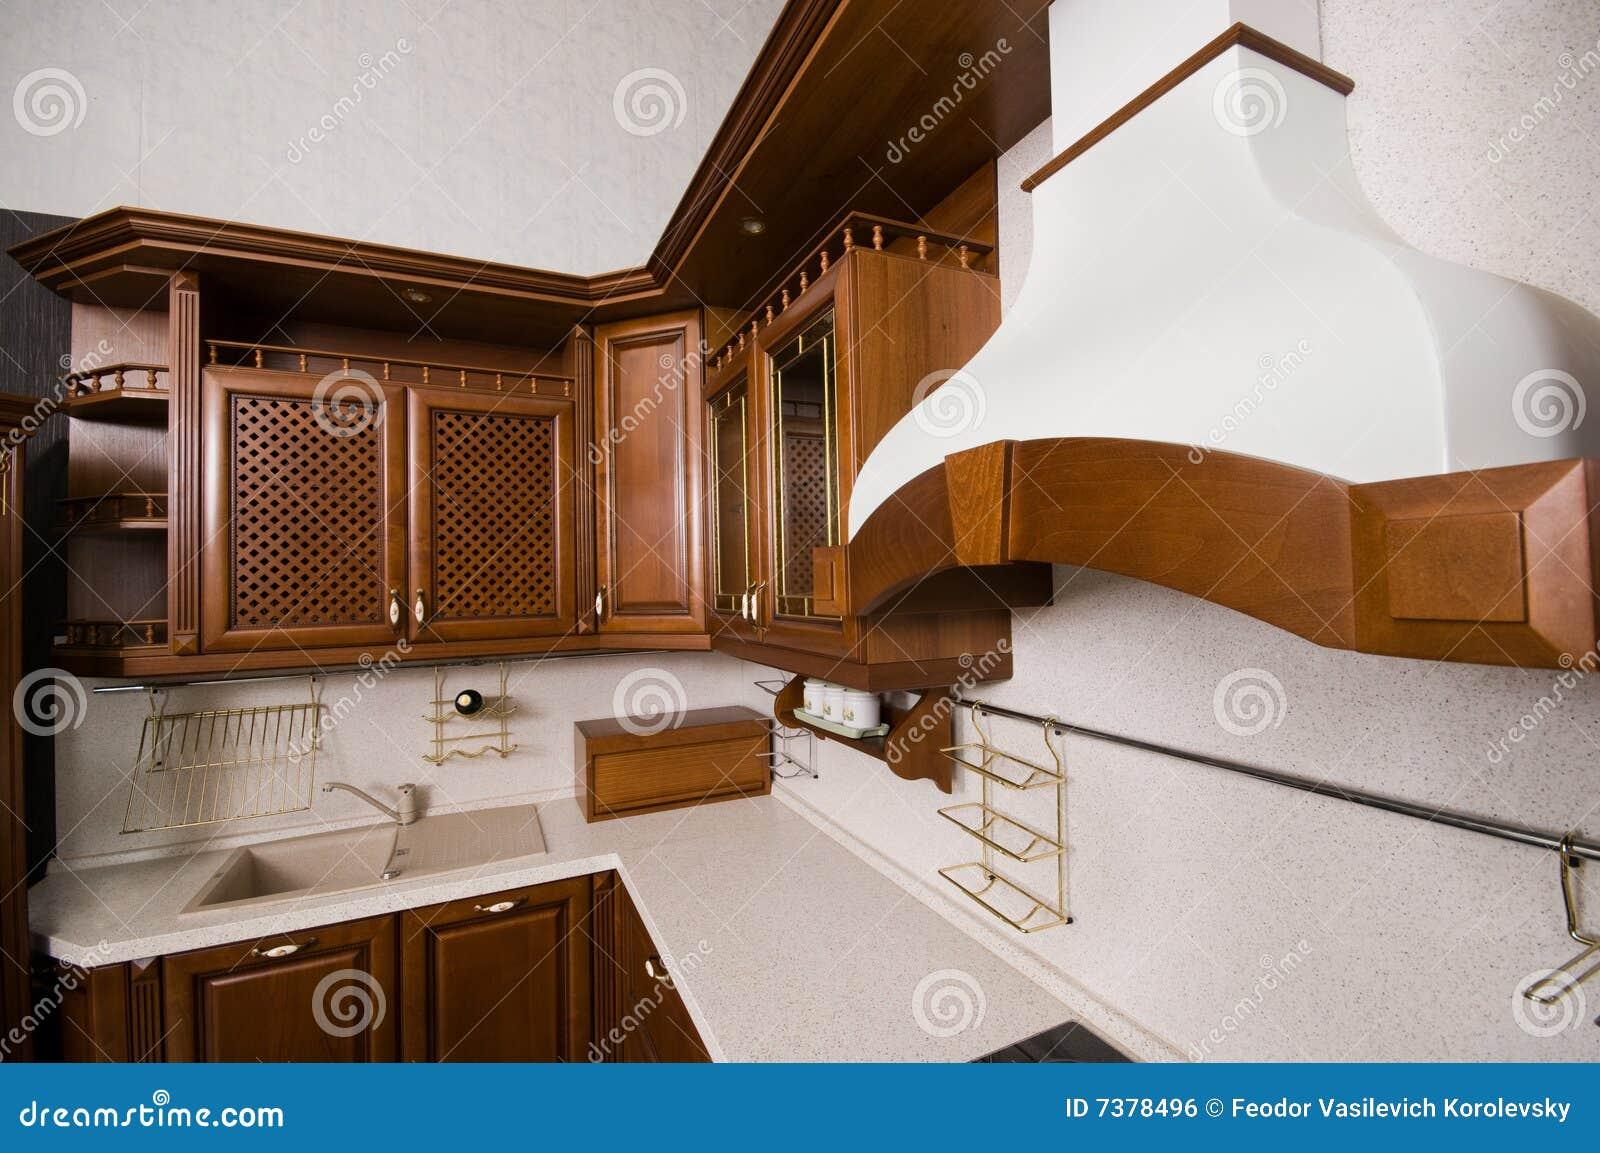 Muebles Caseros - Muebles Caseros De La Cocina Foto De Archivo Imagen De Arreglo [mjhdah]http://decoraciondeinterioresideas.com/wp-content/uploads/2017/07/Muebles-del-dise%C3%B1ador-casero-foto-de-muebles-interiores-ejemplares-dignos-de-los-muebles-caseros-para-el-hogar-barato.jpg